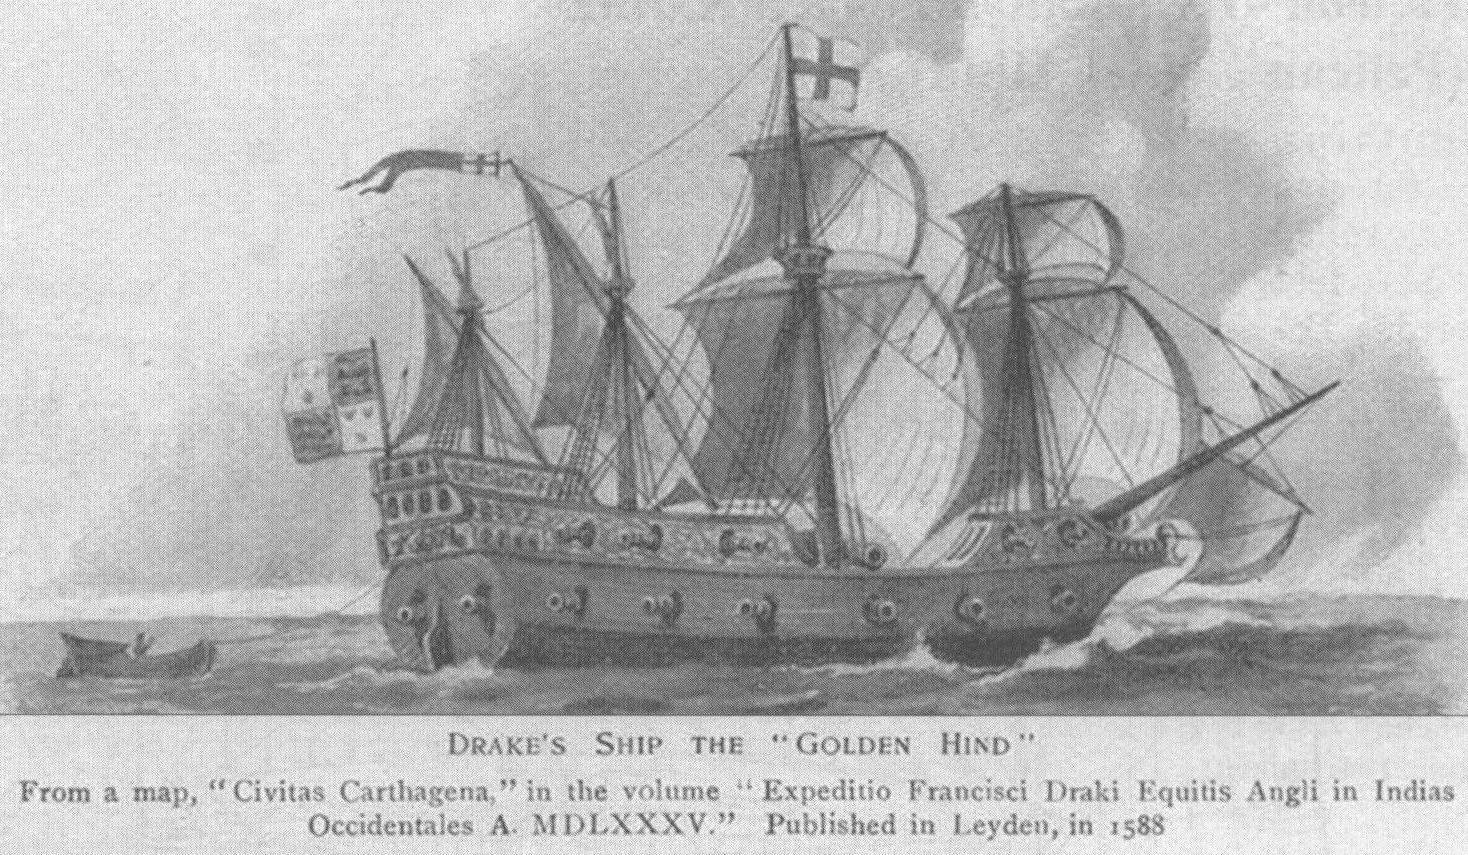 Забавный «ляп»: изображение «Голден Хайнд» как четырехмачтового галеона. Как явствует из подписи, этот рисунок был сделан в 1588 году, когда корабль Дрейка еще был «жив и здоров»...